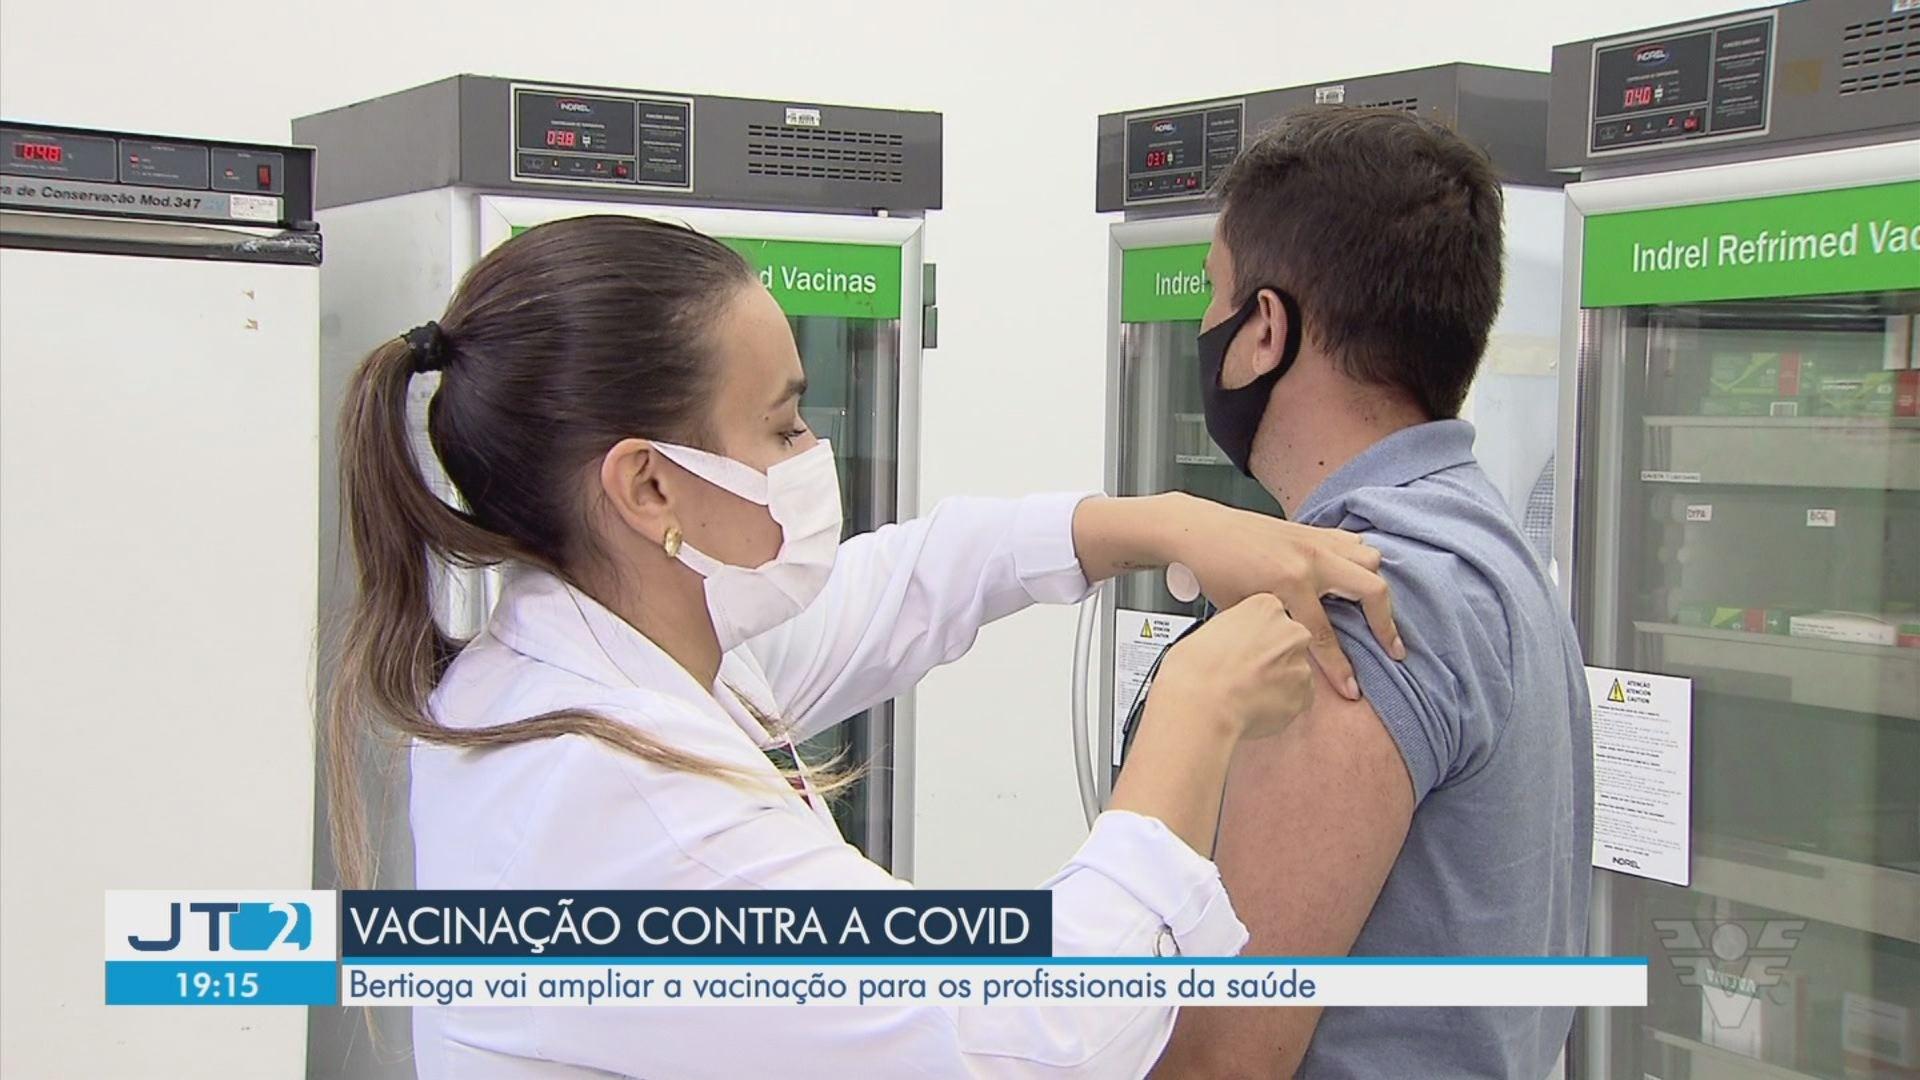 VÍDEOS: Jornal da Tribuna 2ª Edição de quarta-feira, 27 de janeiro